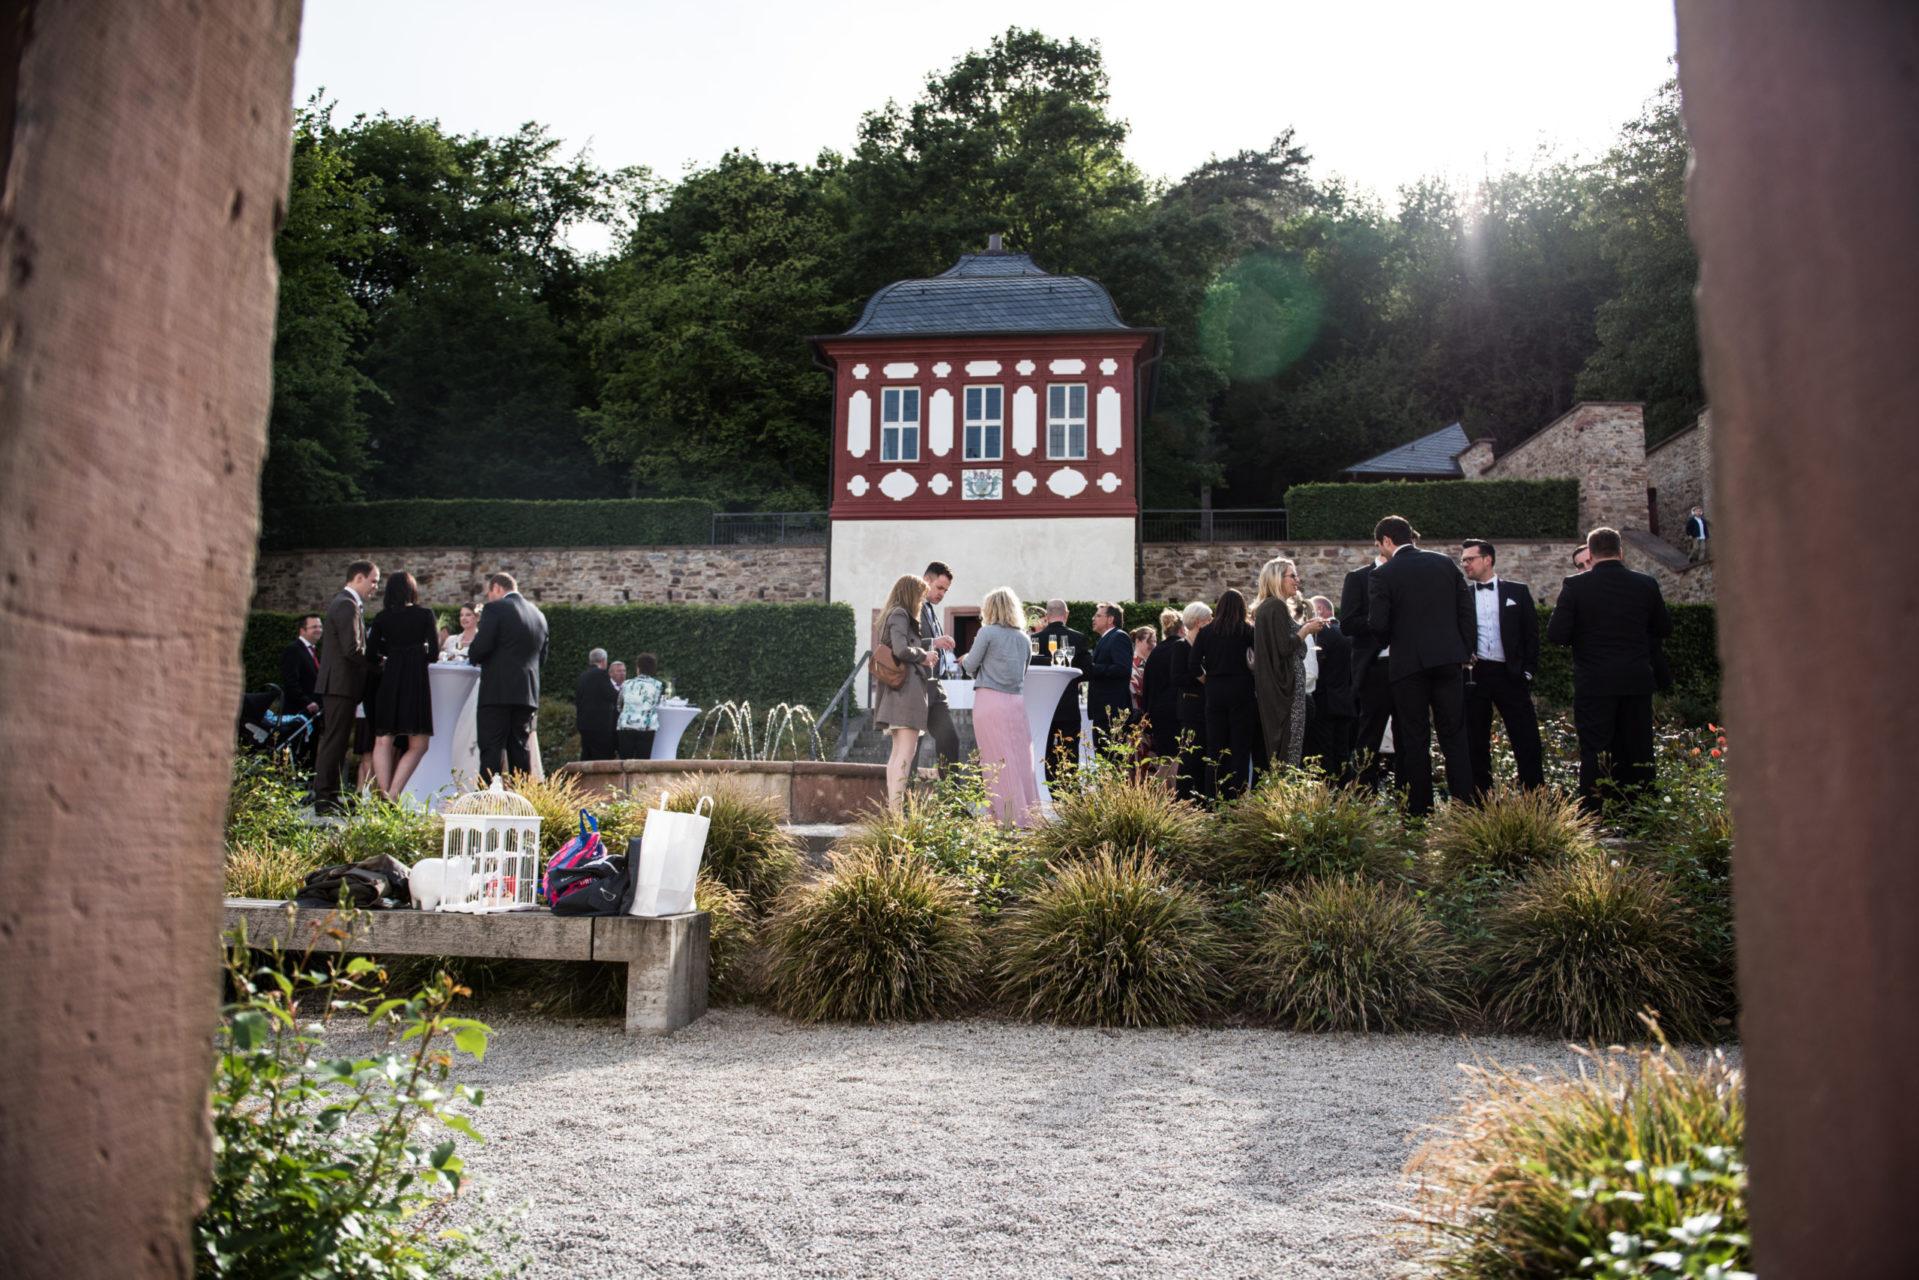 KLOSTER-EBERBACH-DEZEMBER-HOCHZEIT-WEDDING-WINTER-FOTO-SASKIA-MARLOH-353